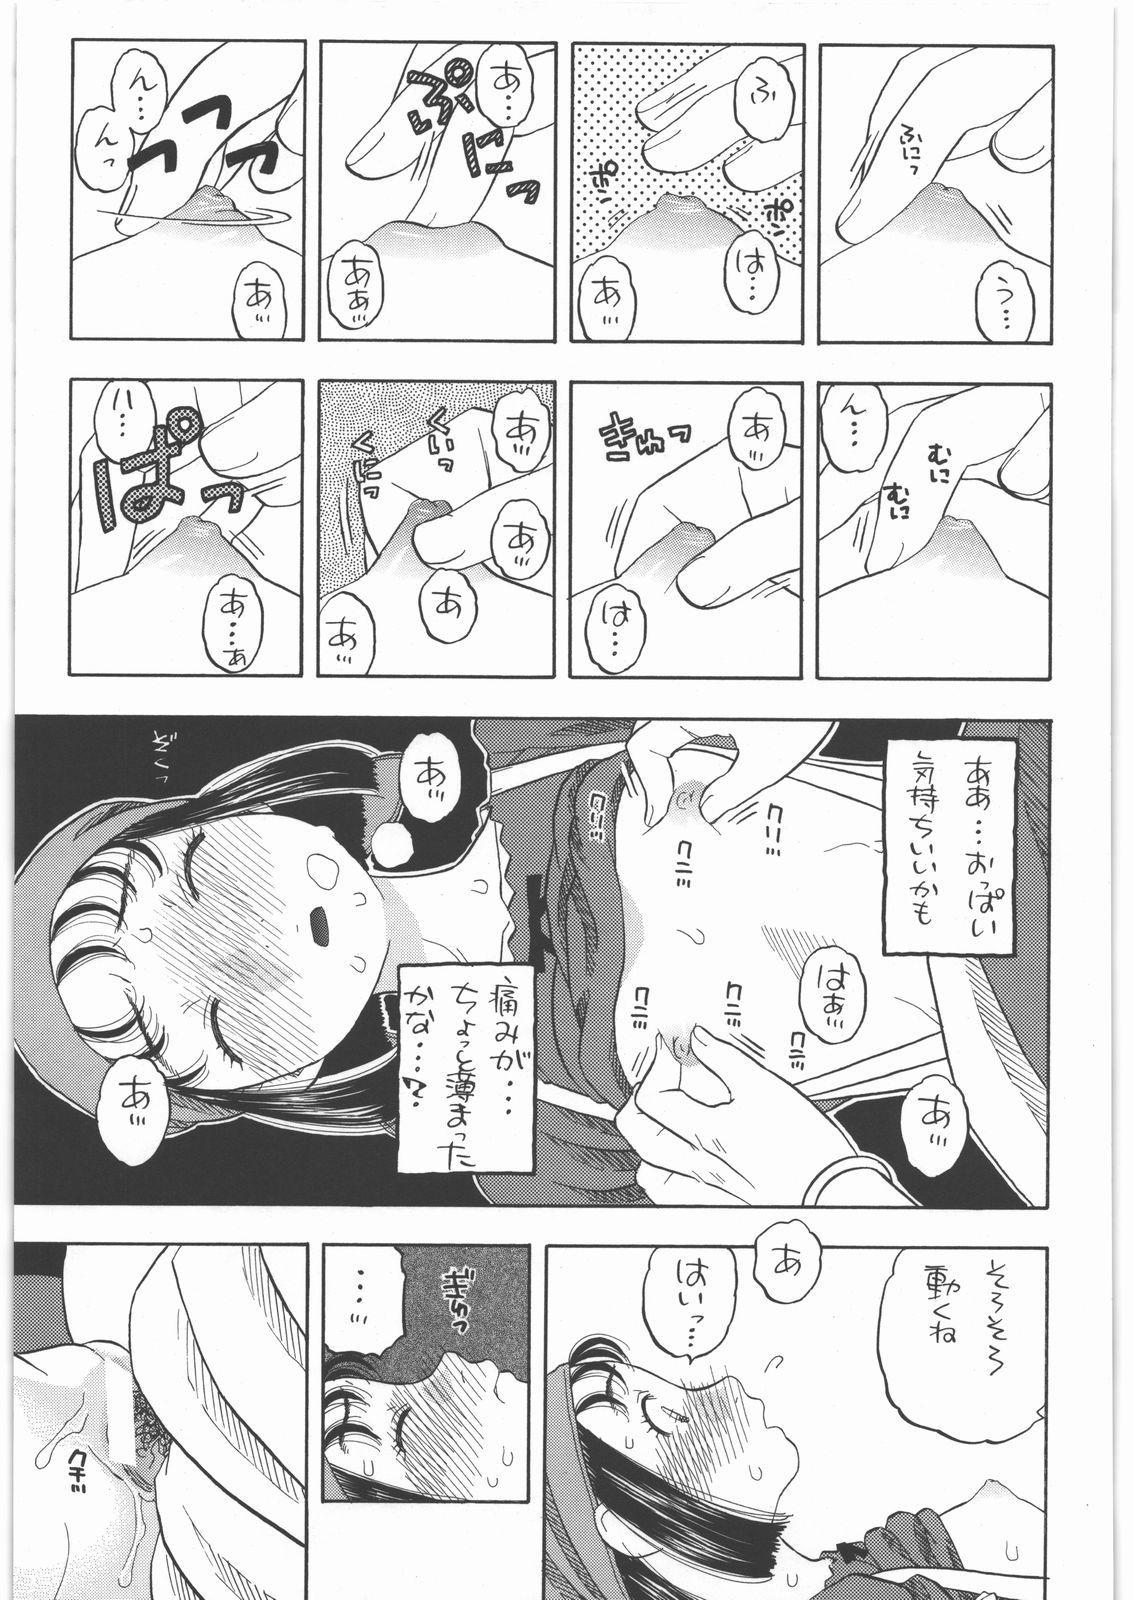 Yadoya no Rikka 13